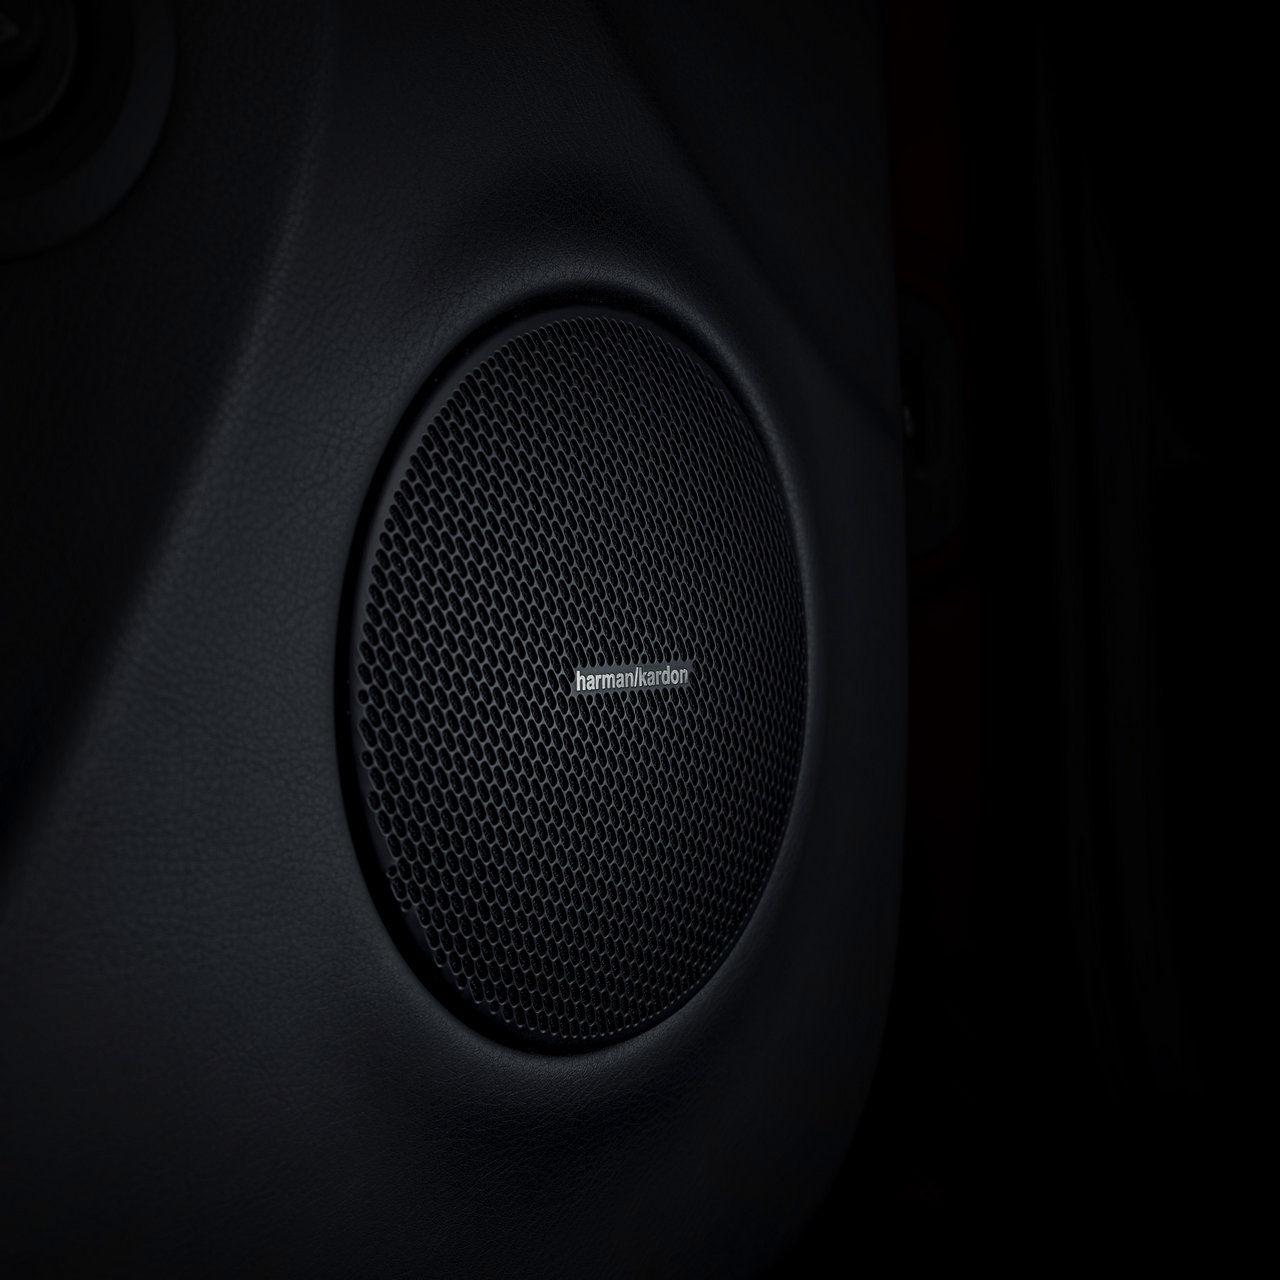 Maserati Auto Innenausstattung - Lautsprecher - Harman Kardon Premium-Audiosystem